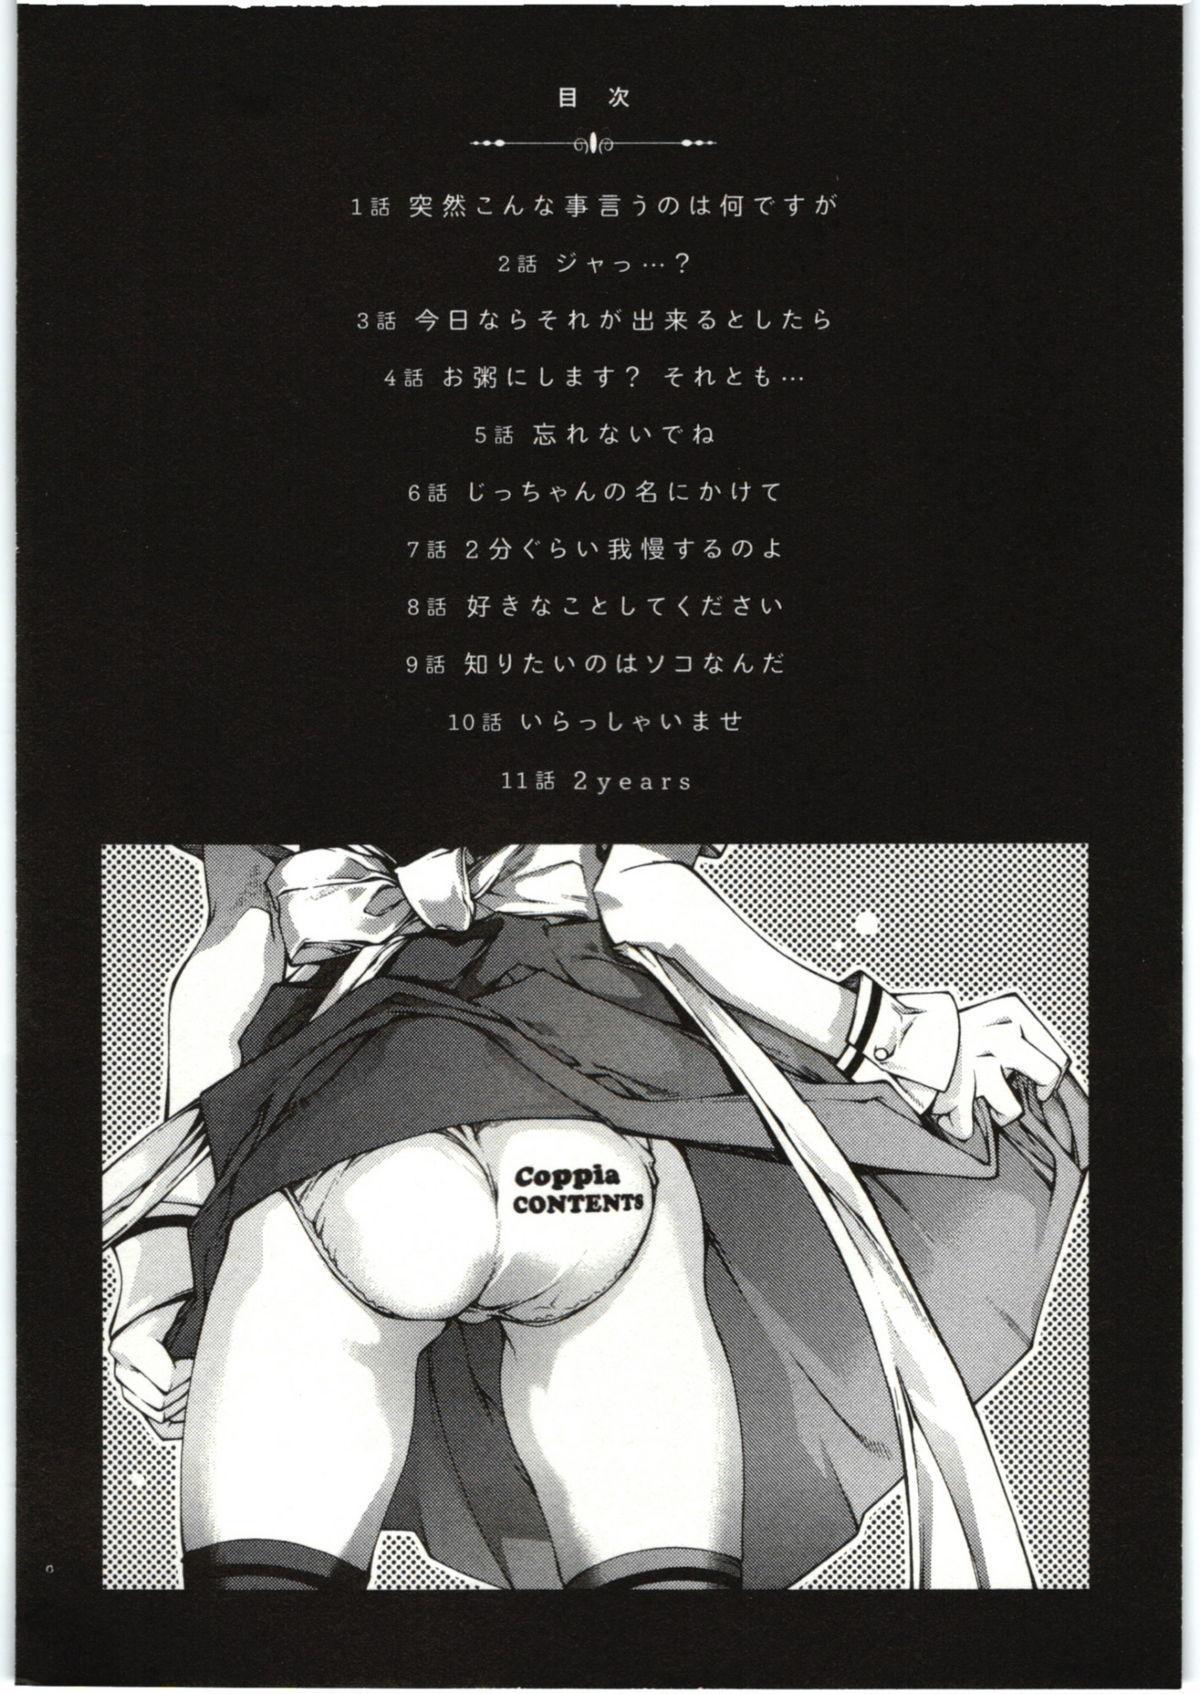 Coppia - Renai Kissashitsu 3